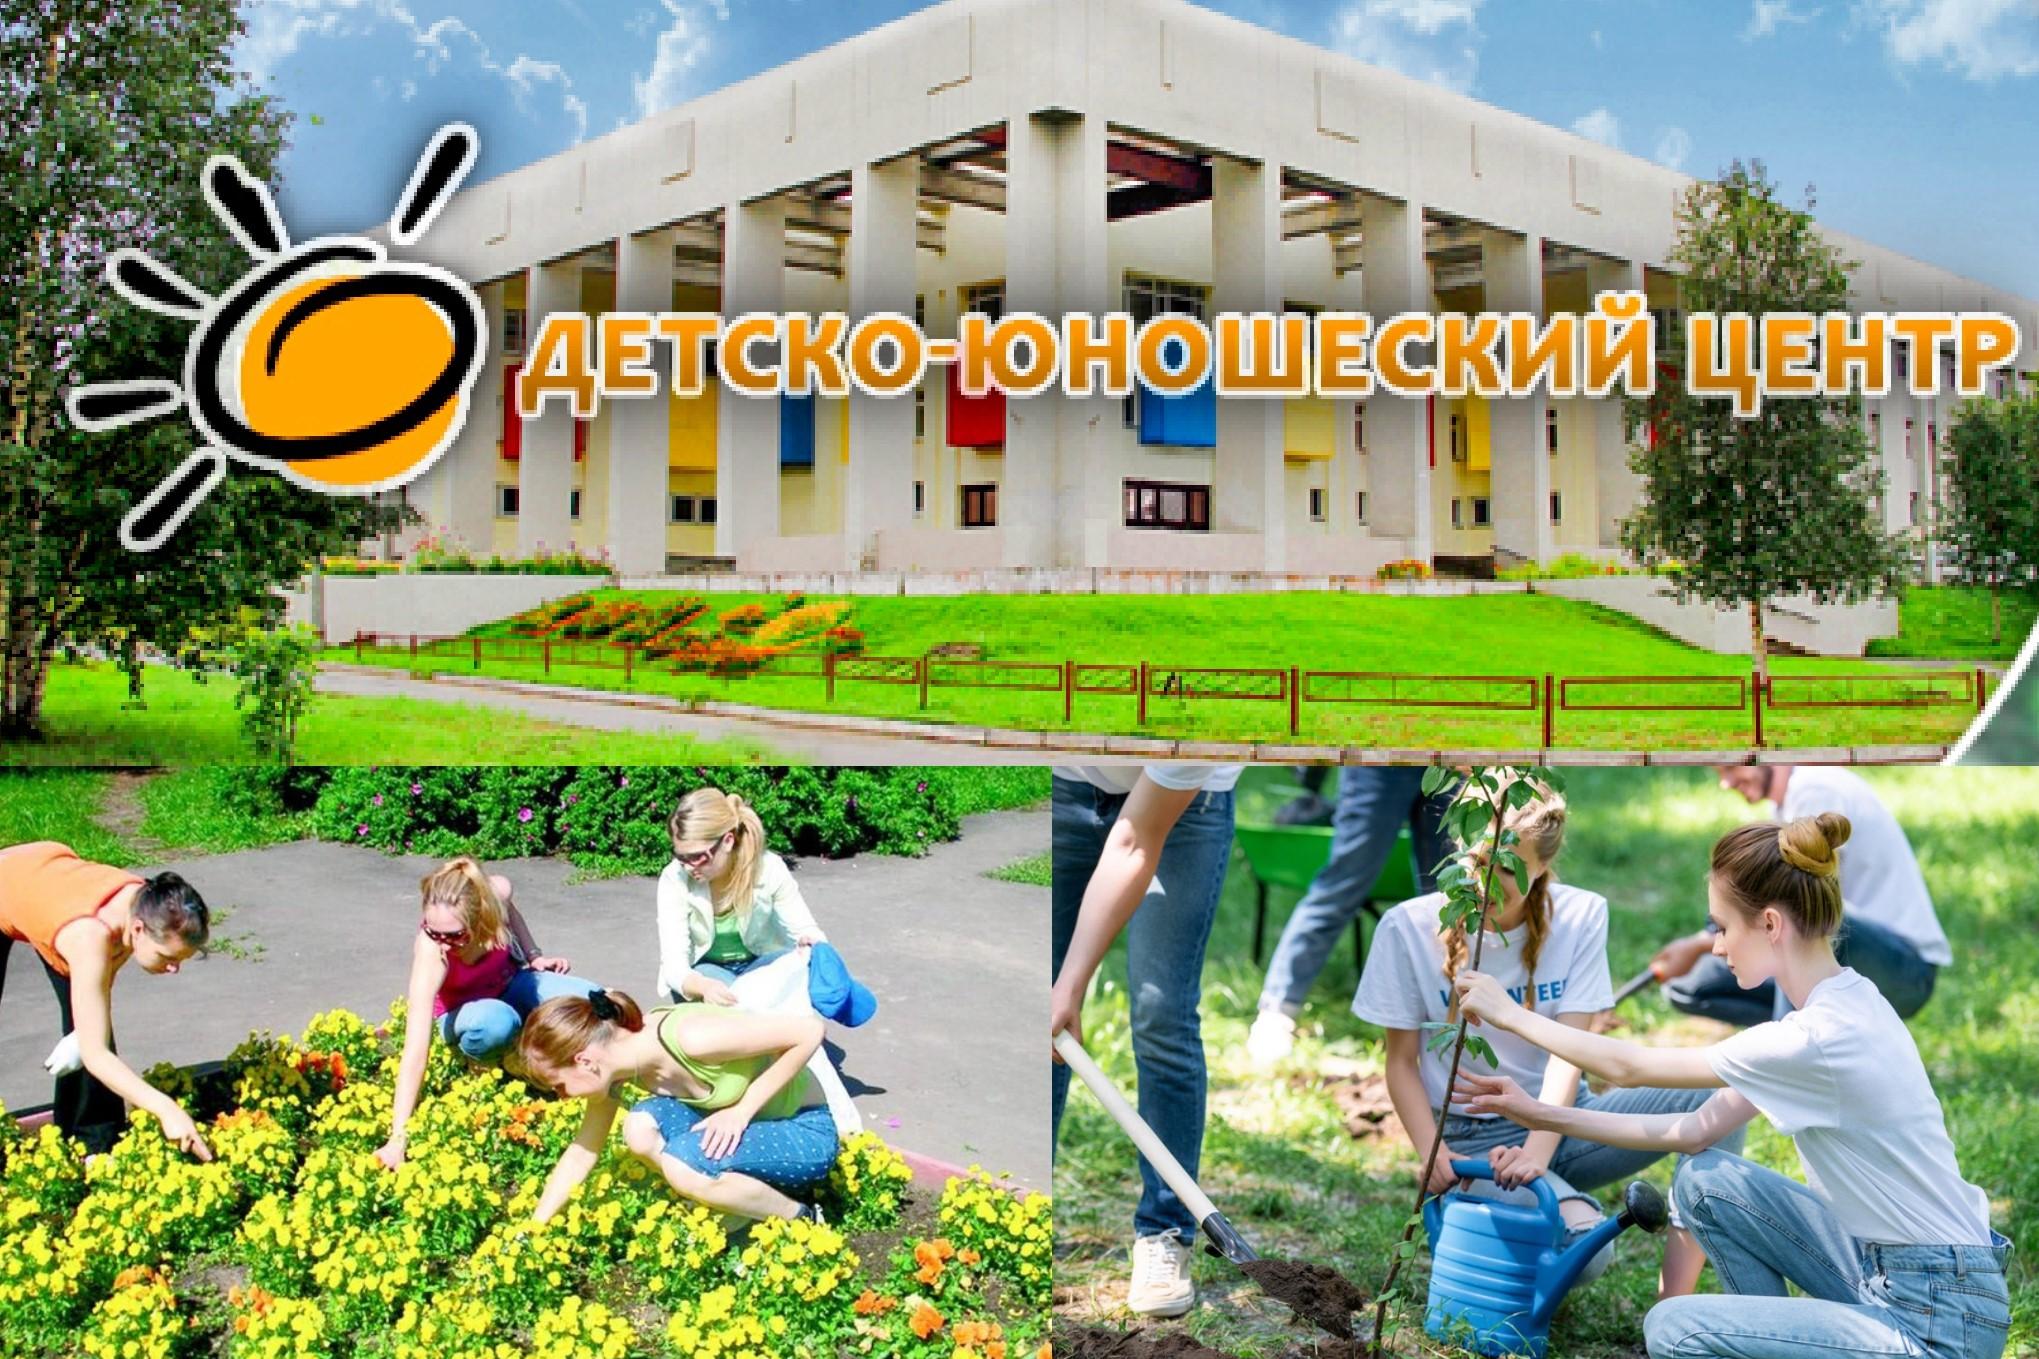 В Северодвинске начинают работать школьные трудовые бригады